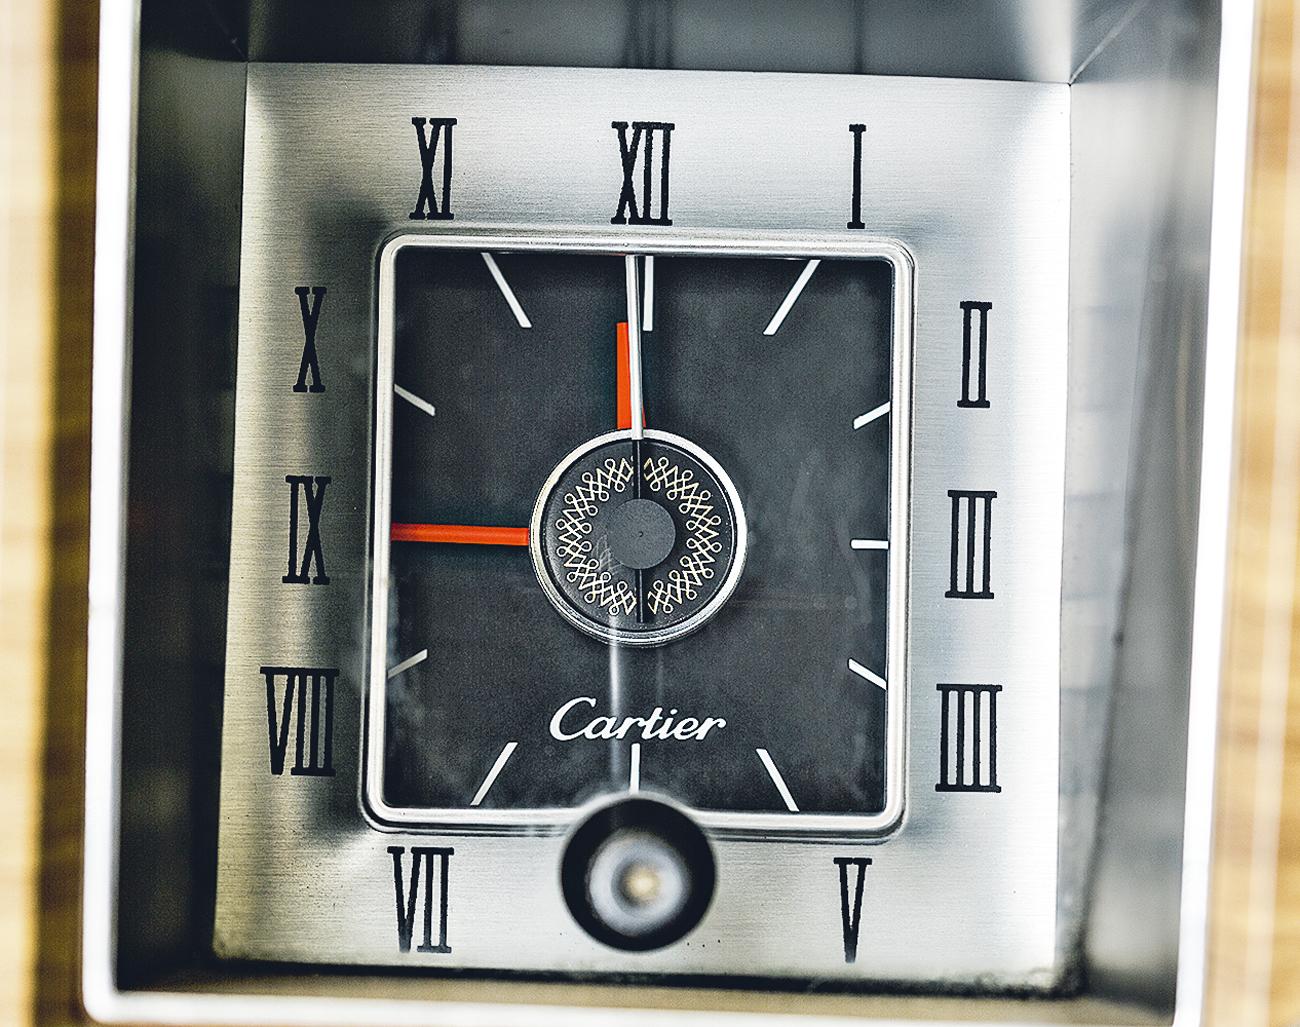 Relógio analógico Cartier traz sofisticação para o painel